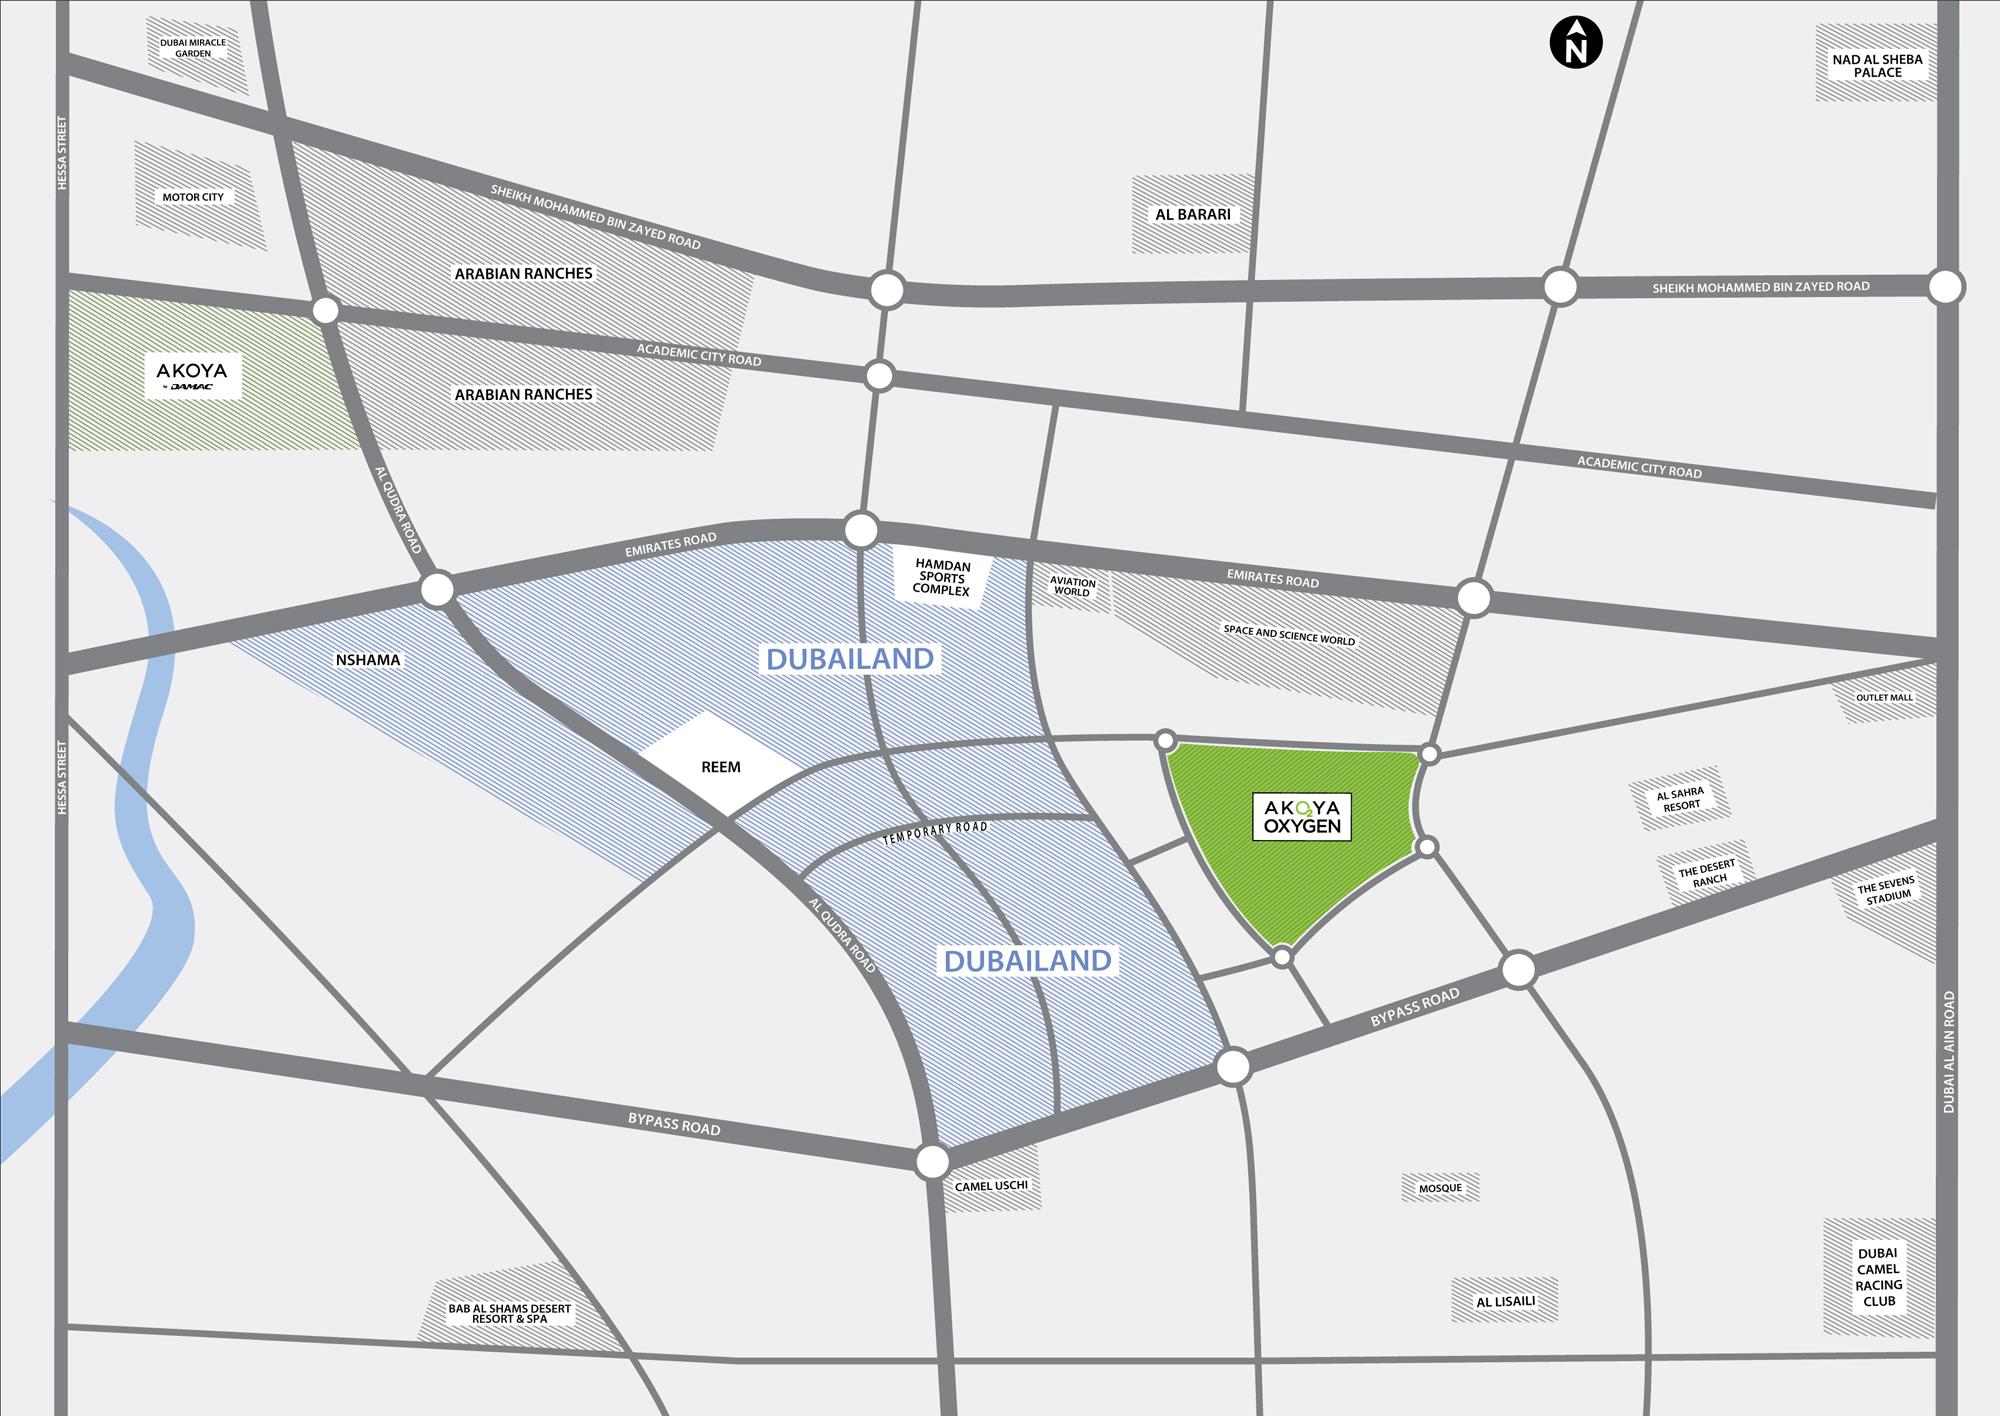 فلل-أكويا-إيماجين خريطة الموقع